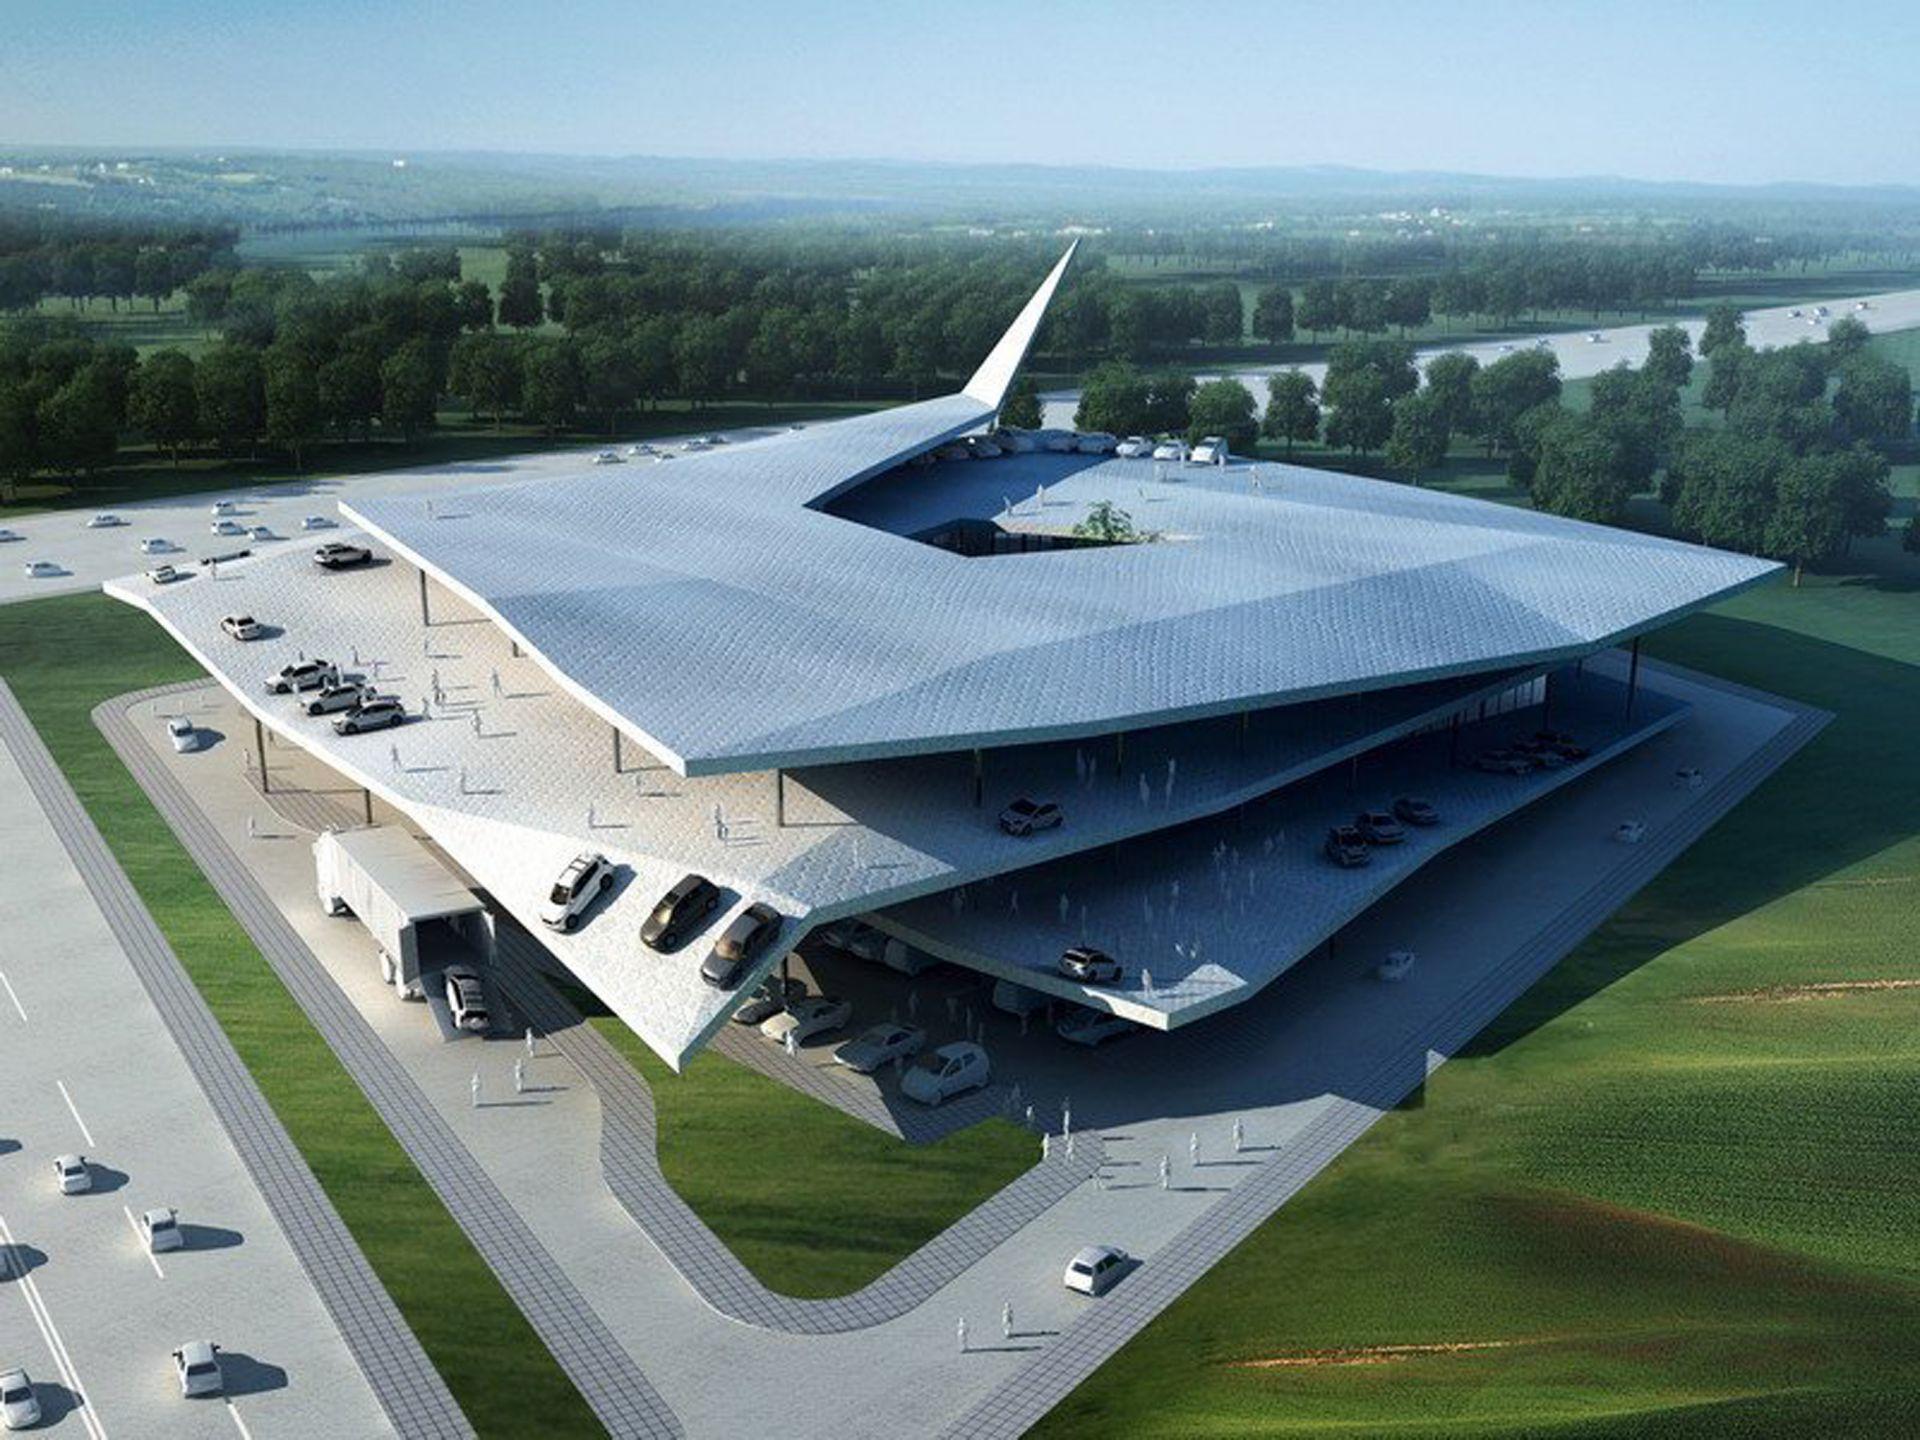 Automobile Museum in Nanjing - concept design - modlar com